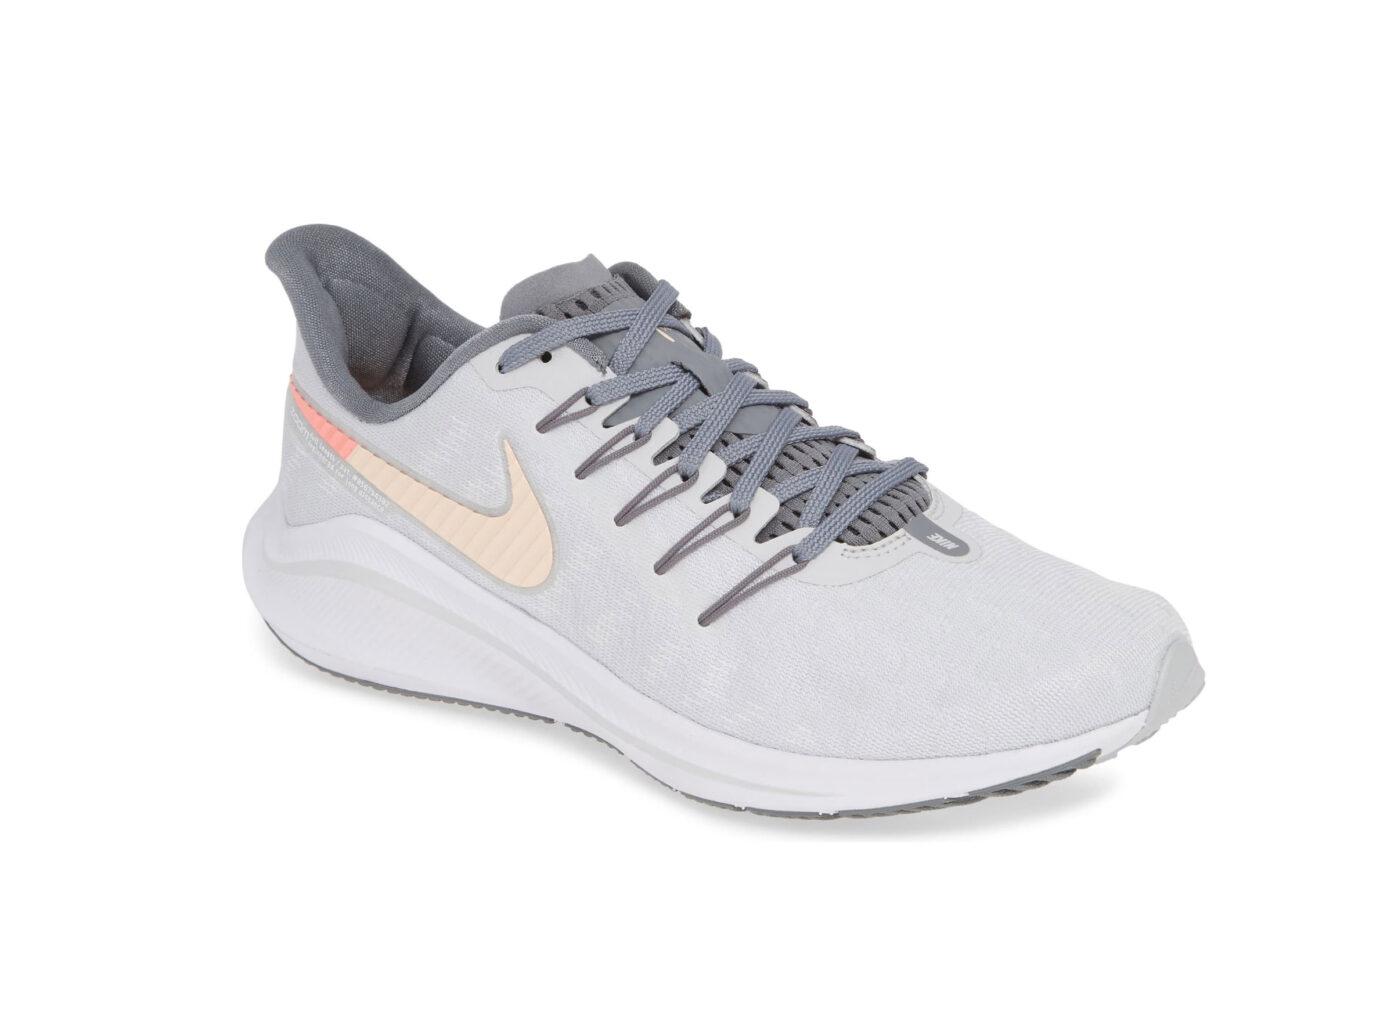 Nike Air Zoom Vomero 14 Running Shoe